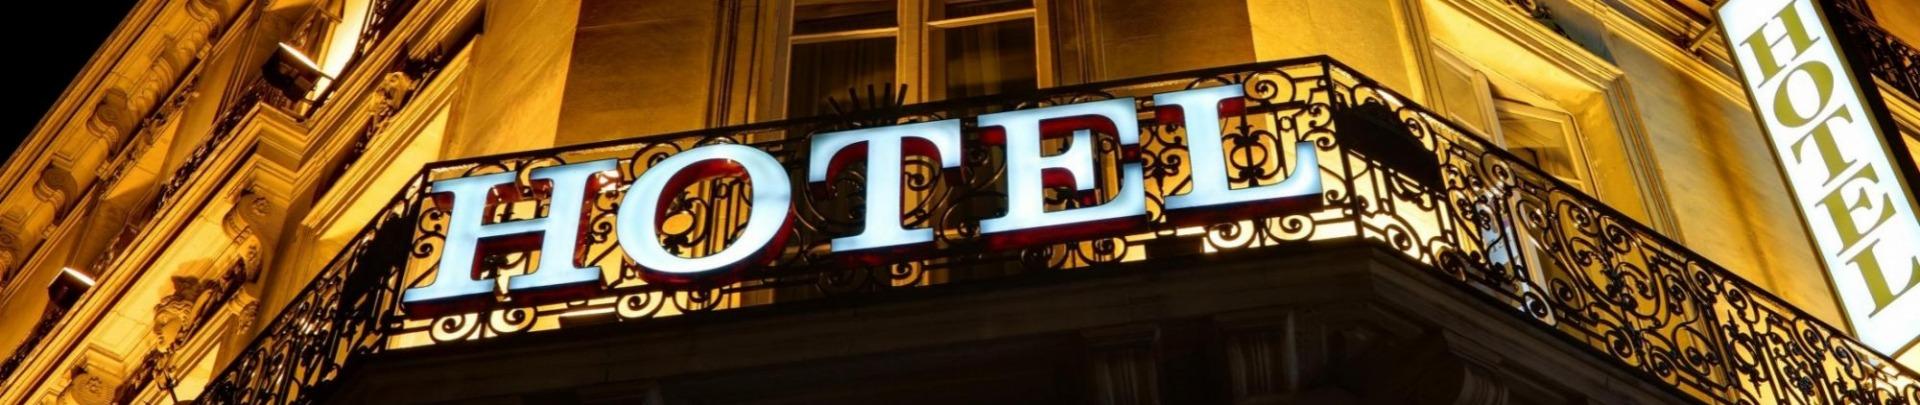 Hotel lichtreclame op gevel